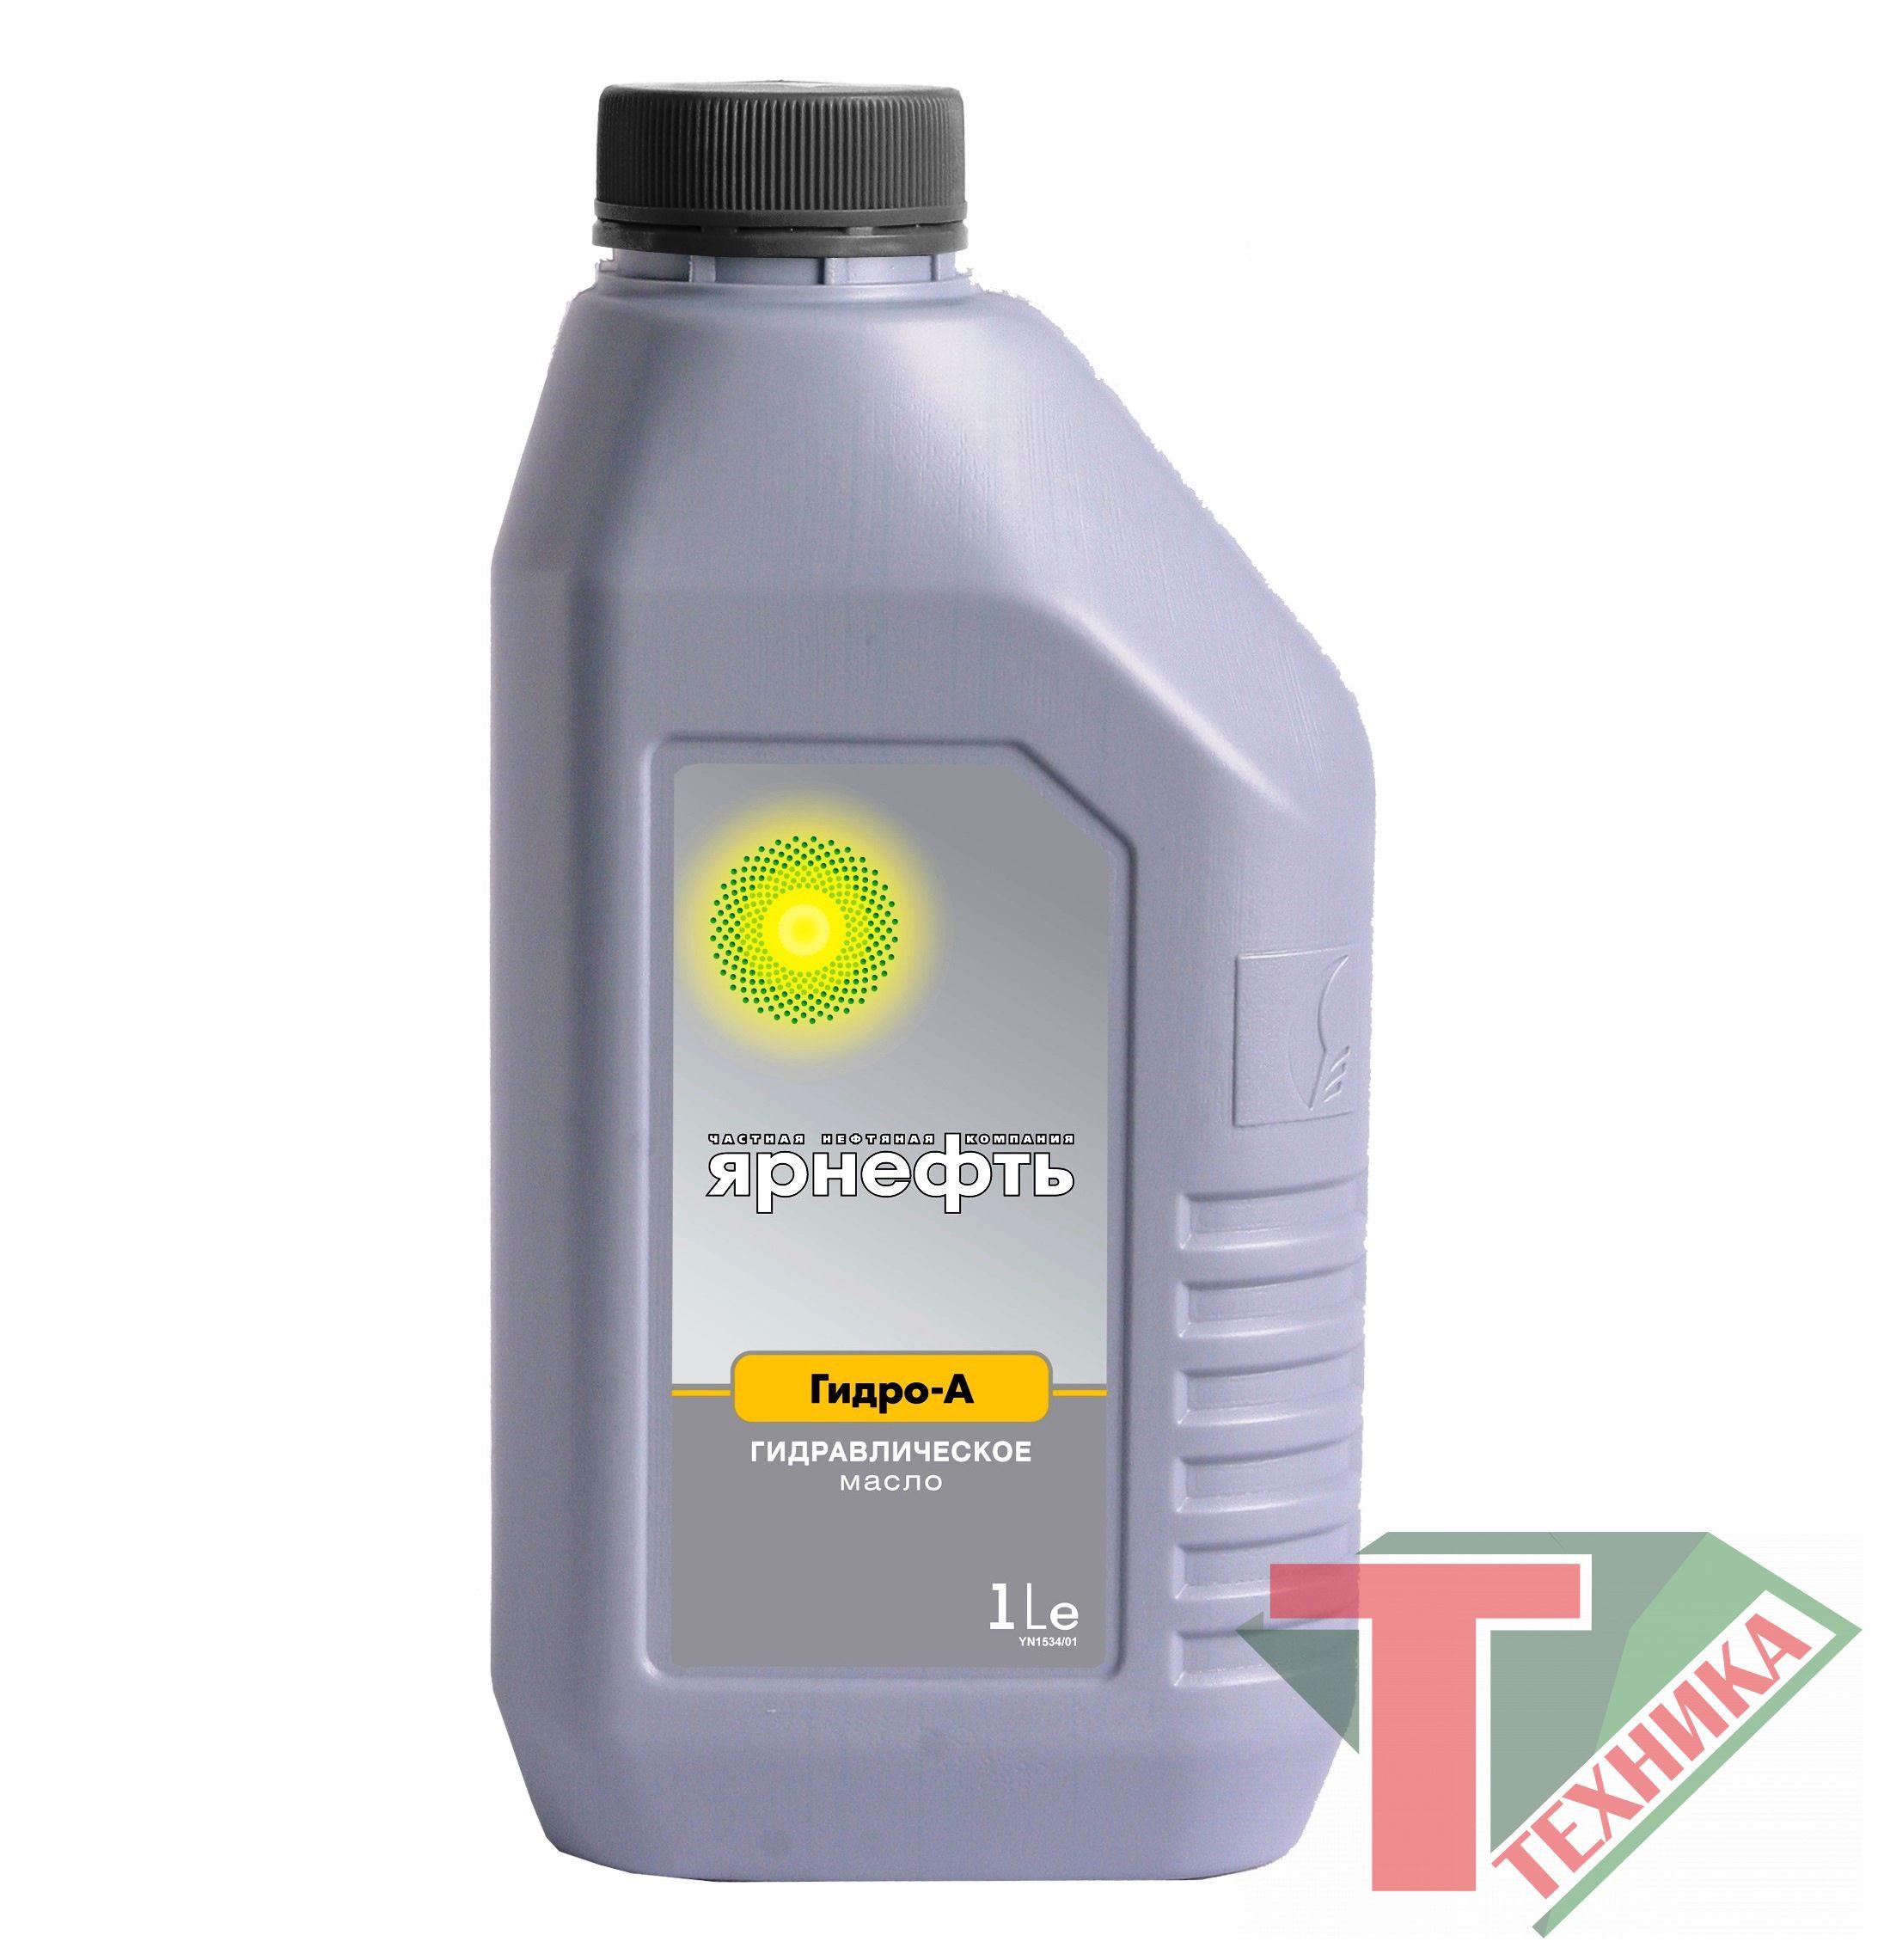 Гидравлическое масло Р (Ярнефть) 1 л